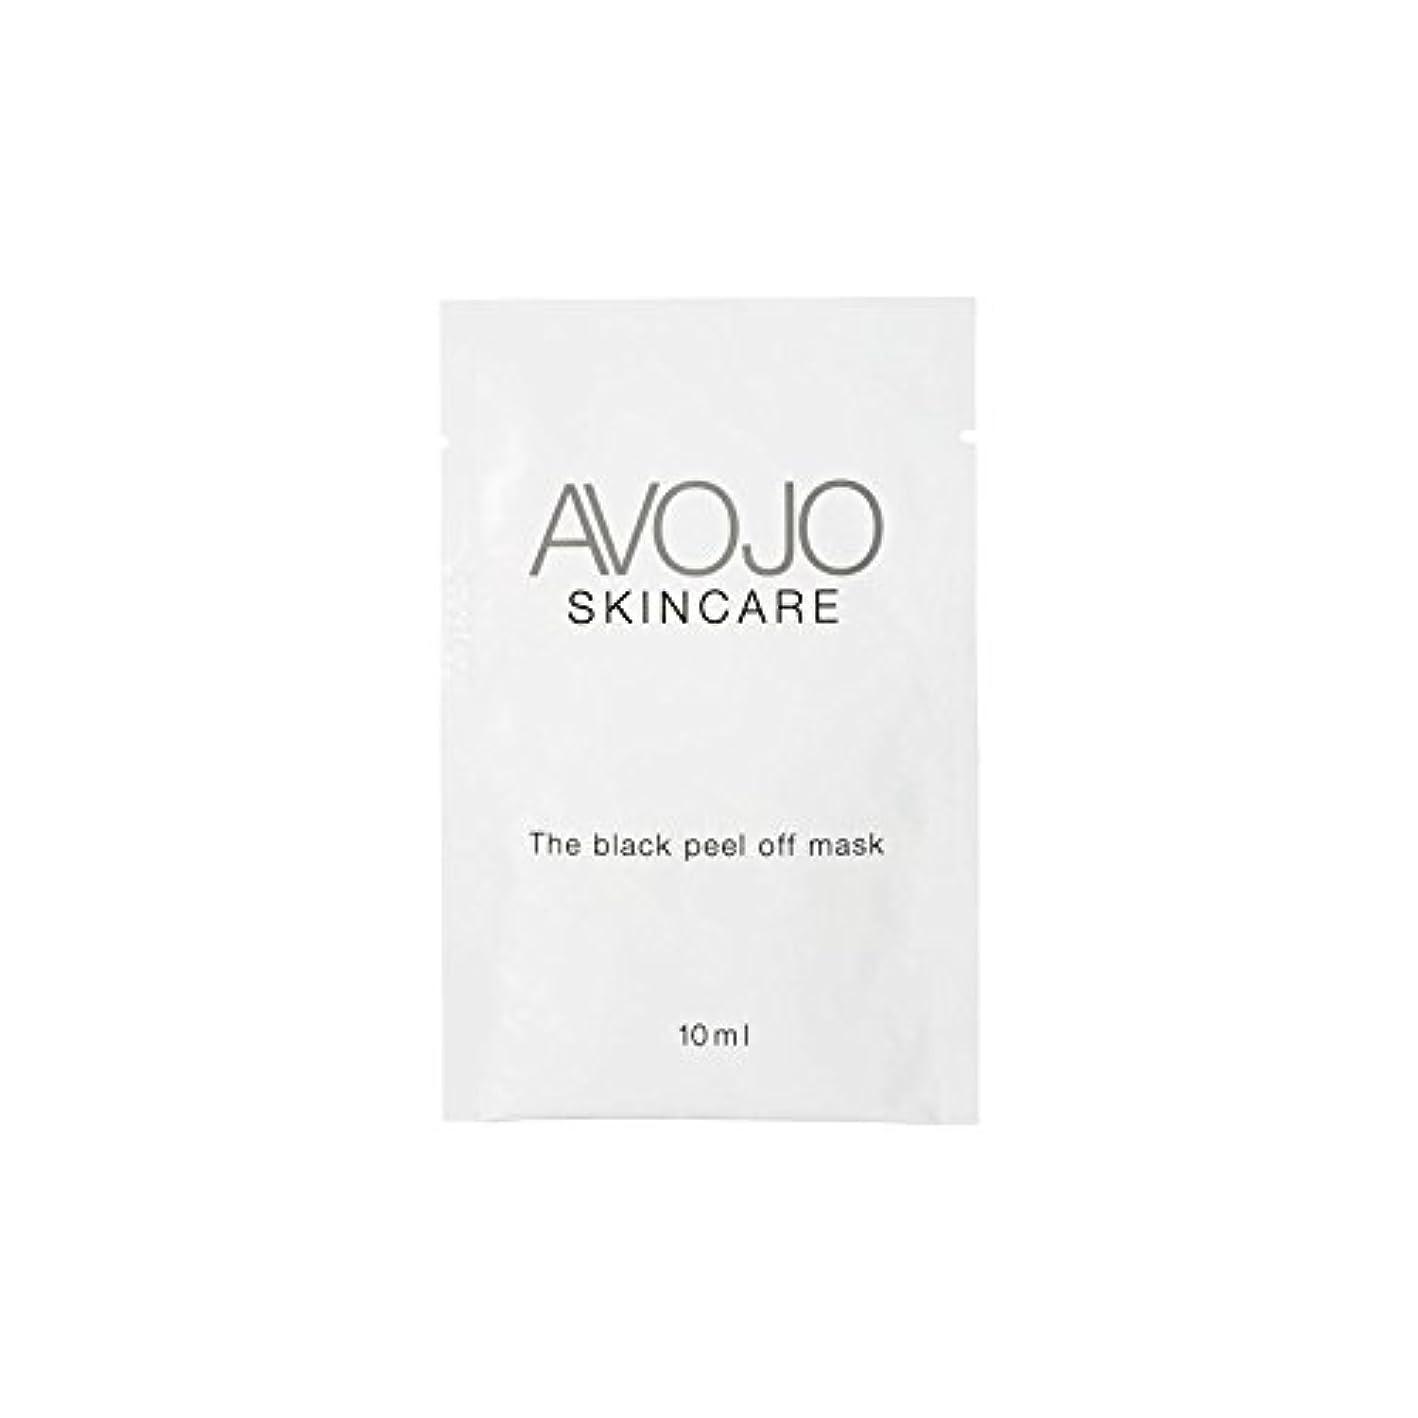 レポートを書く気分気になる- ブラックピールオフマスク - 小袋(10ミリリットル×4) x2 - Avojo - The Black Peel Off Mask - Sachet (10ml X 4) (Pack of 2) [並行輸入品]